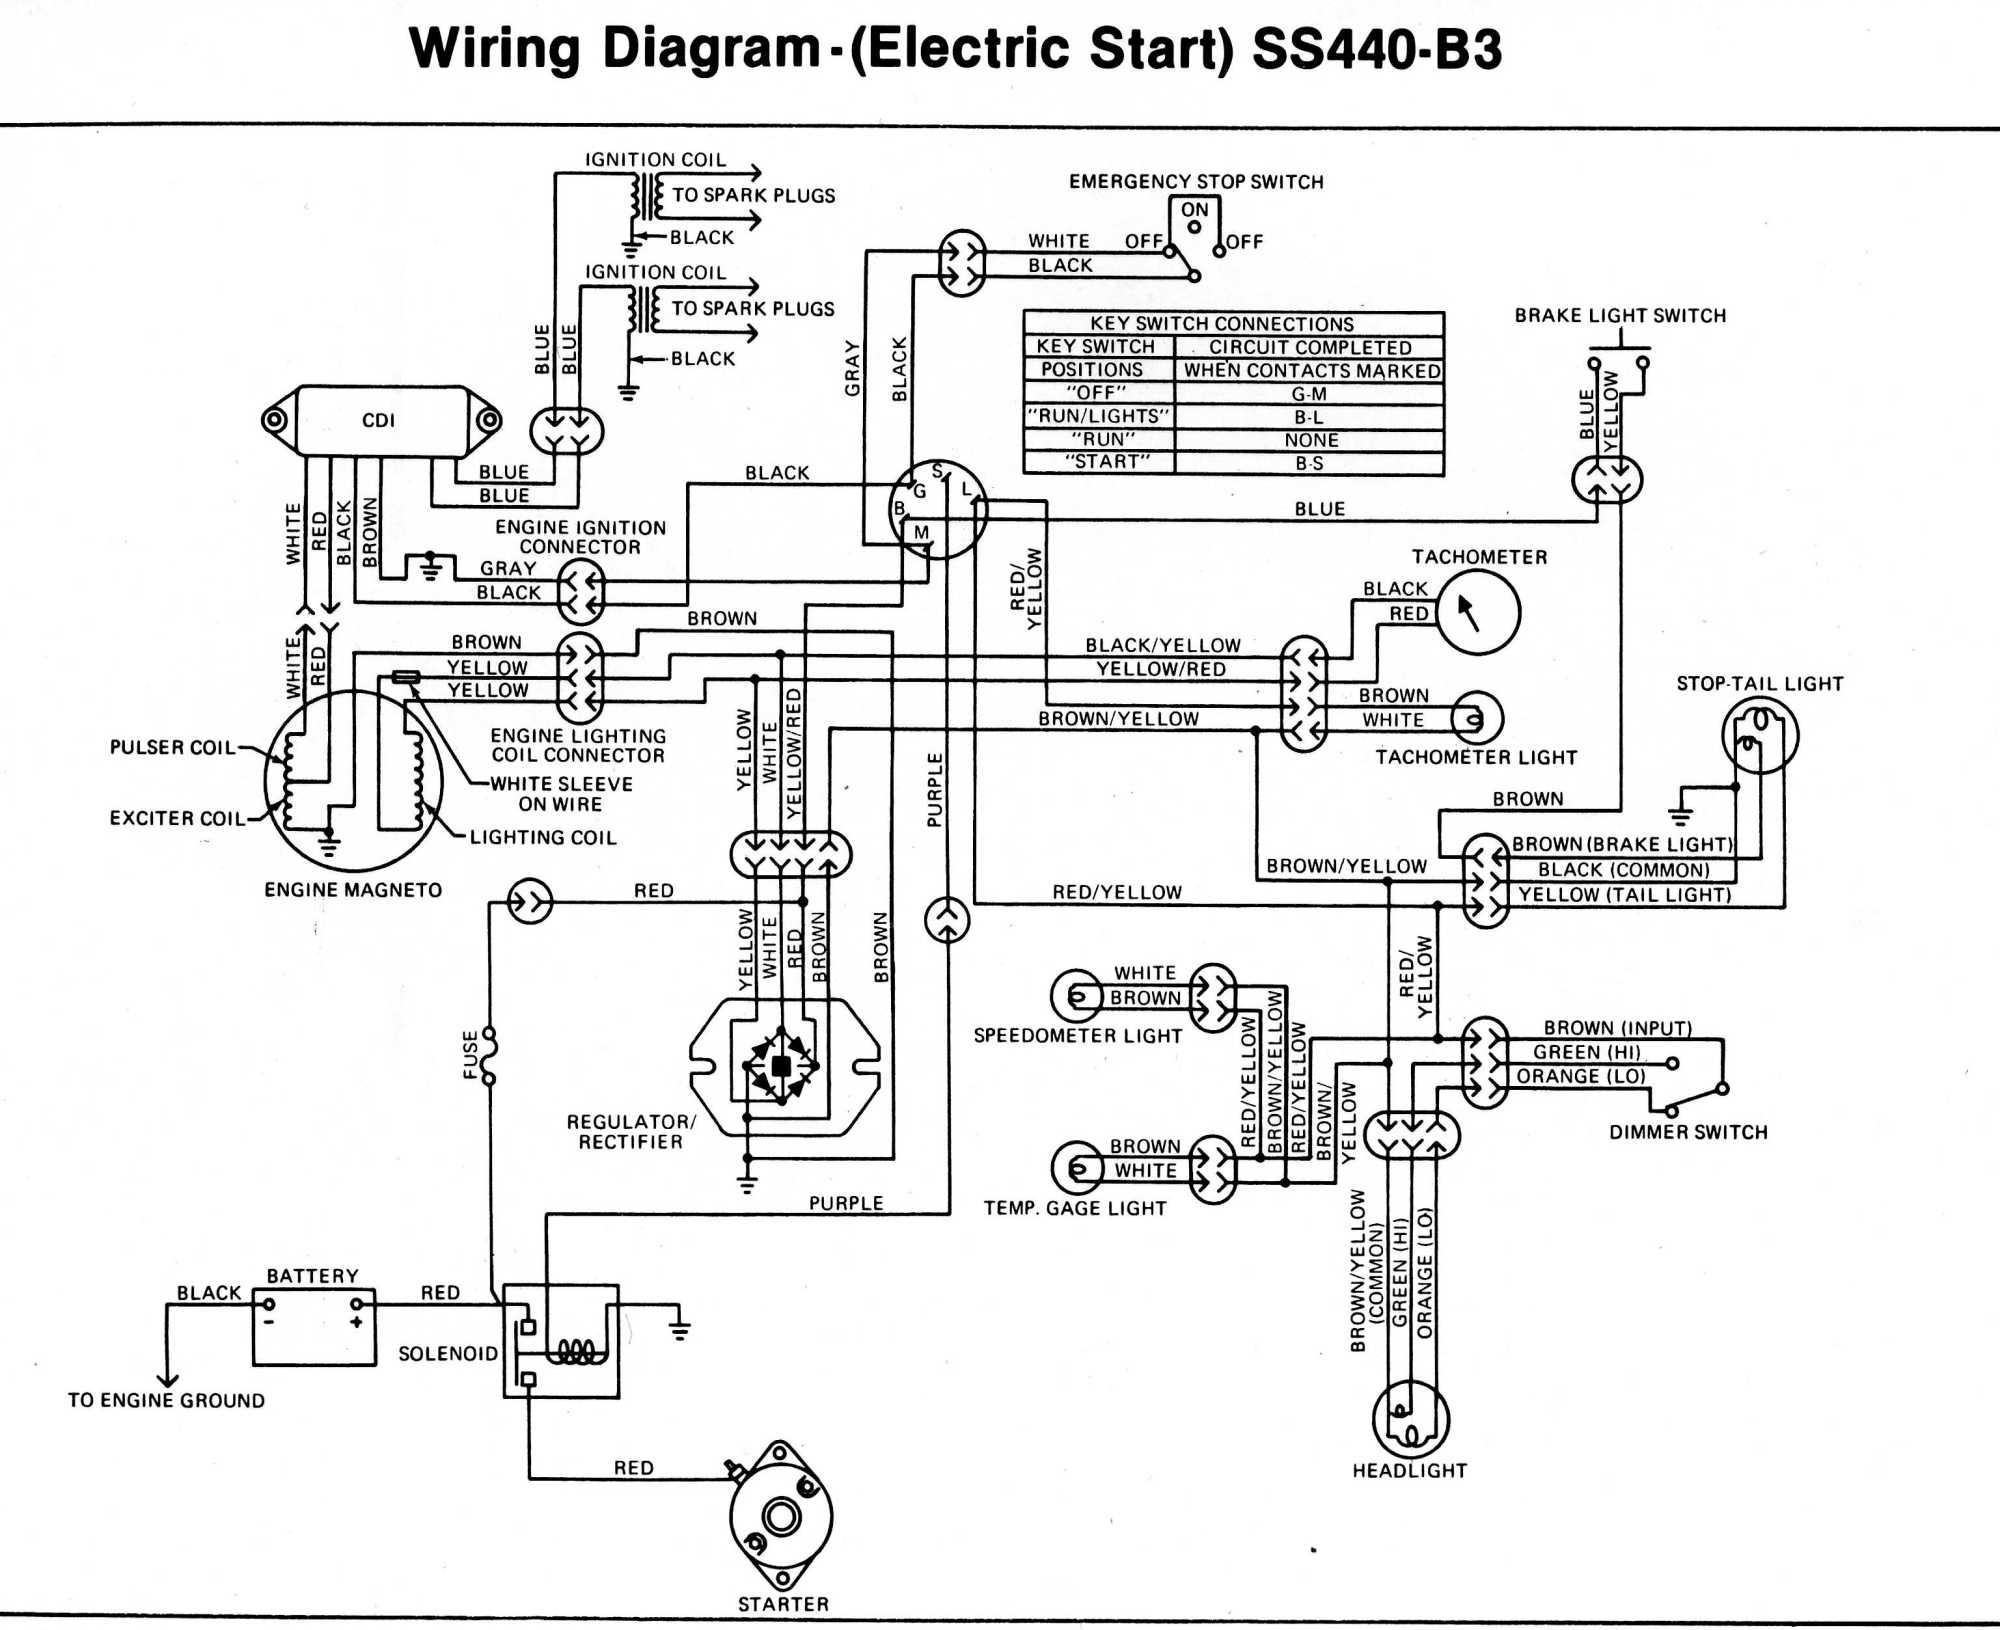 hight resolution of kawasaki invader snowmobile wiring diagrams 1982 kawasaki 440 ltd wiring diagram 1980 invader ss340 440 a3